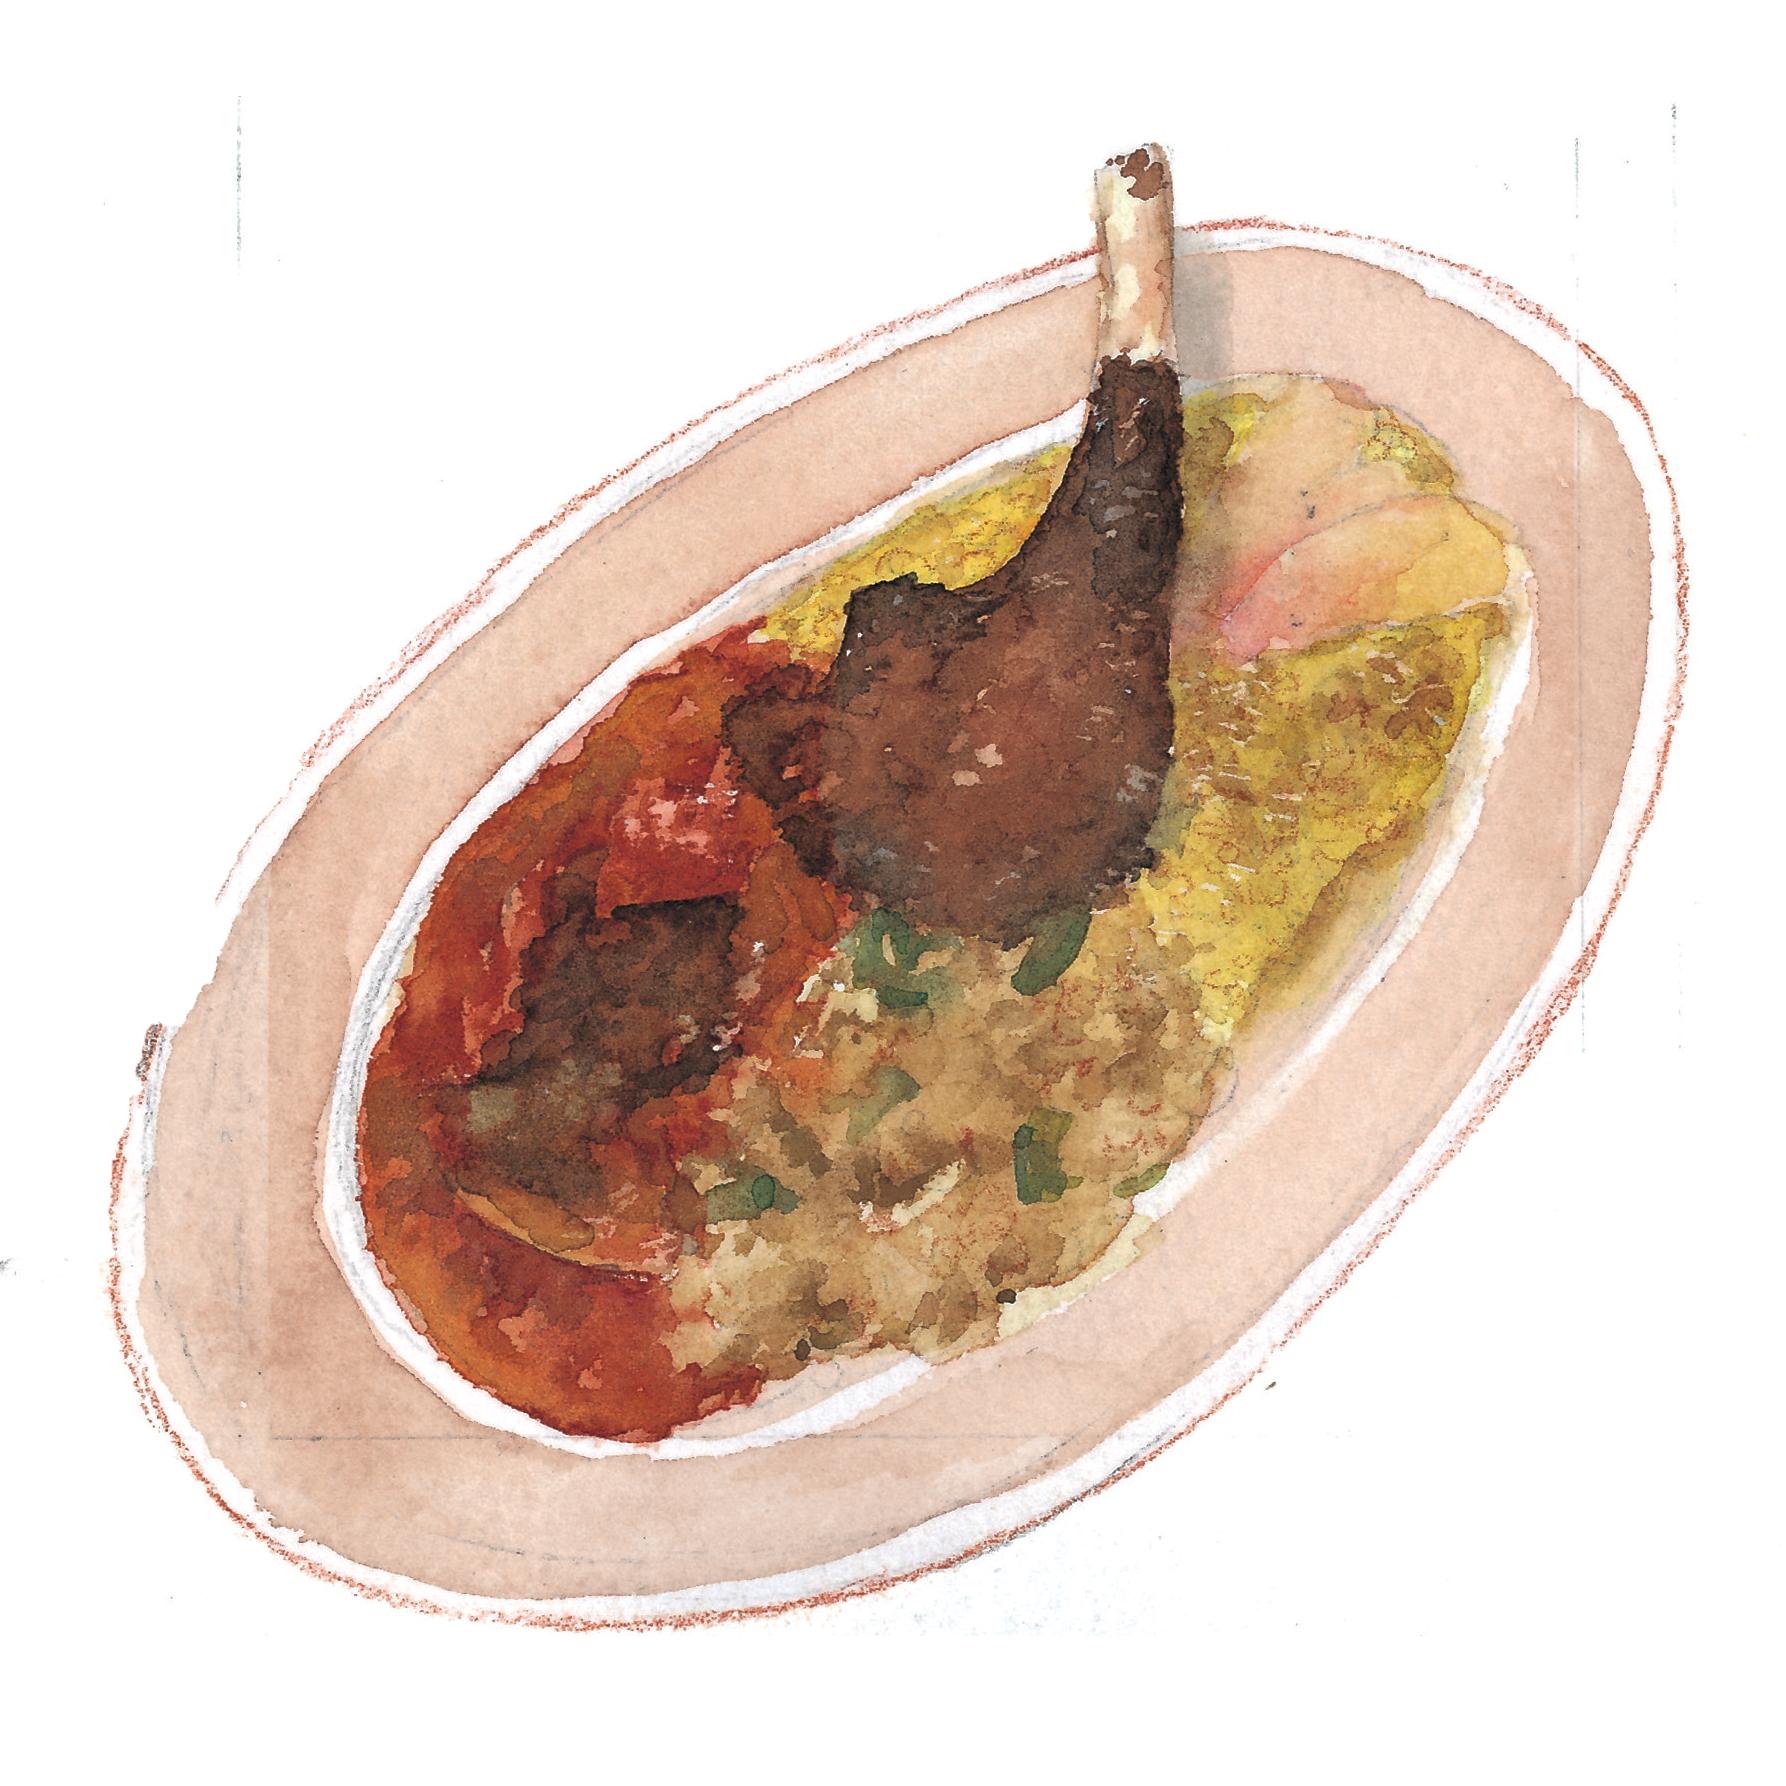 ナビカーズ vol.42 下町バルながおか屋のスペシャルプレート 水彩食べ物イラスト